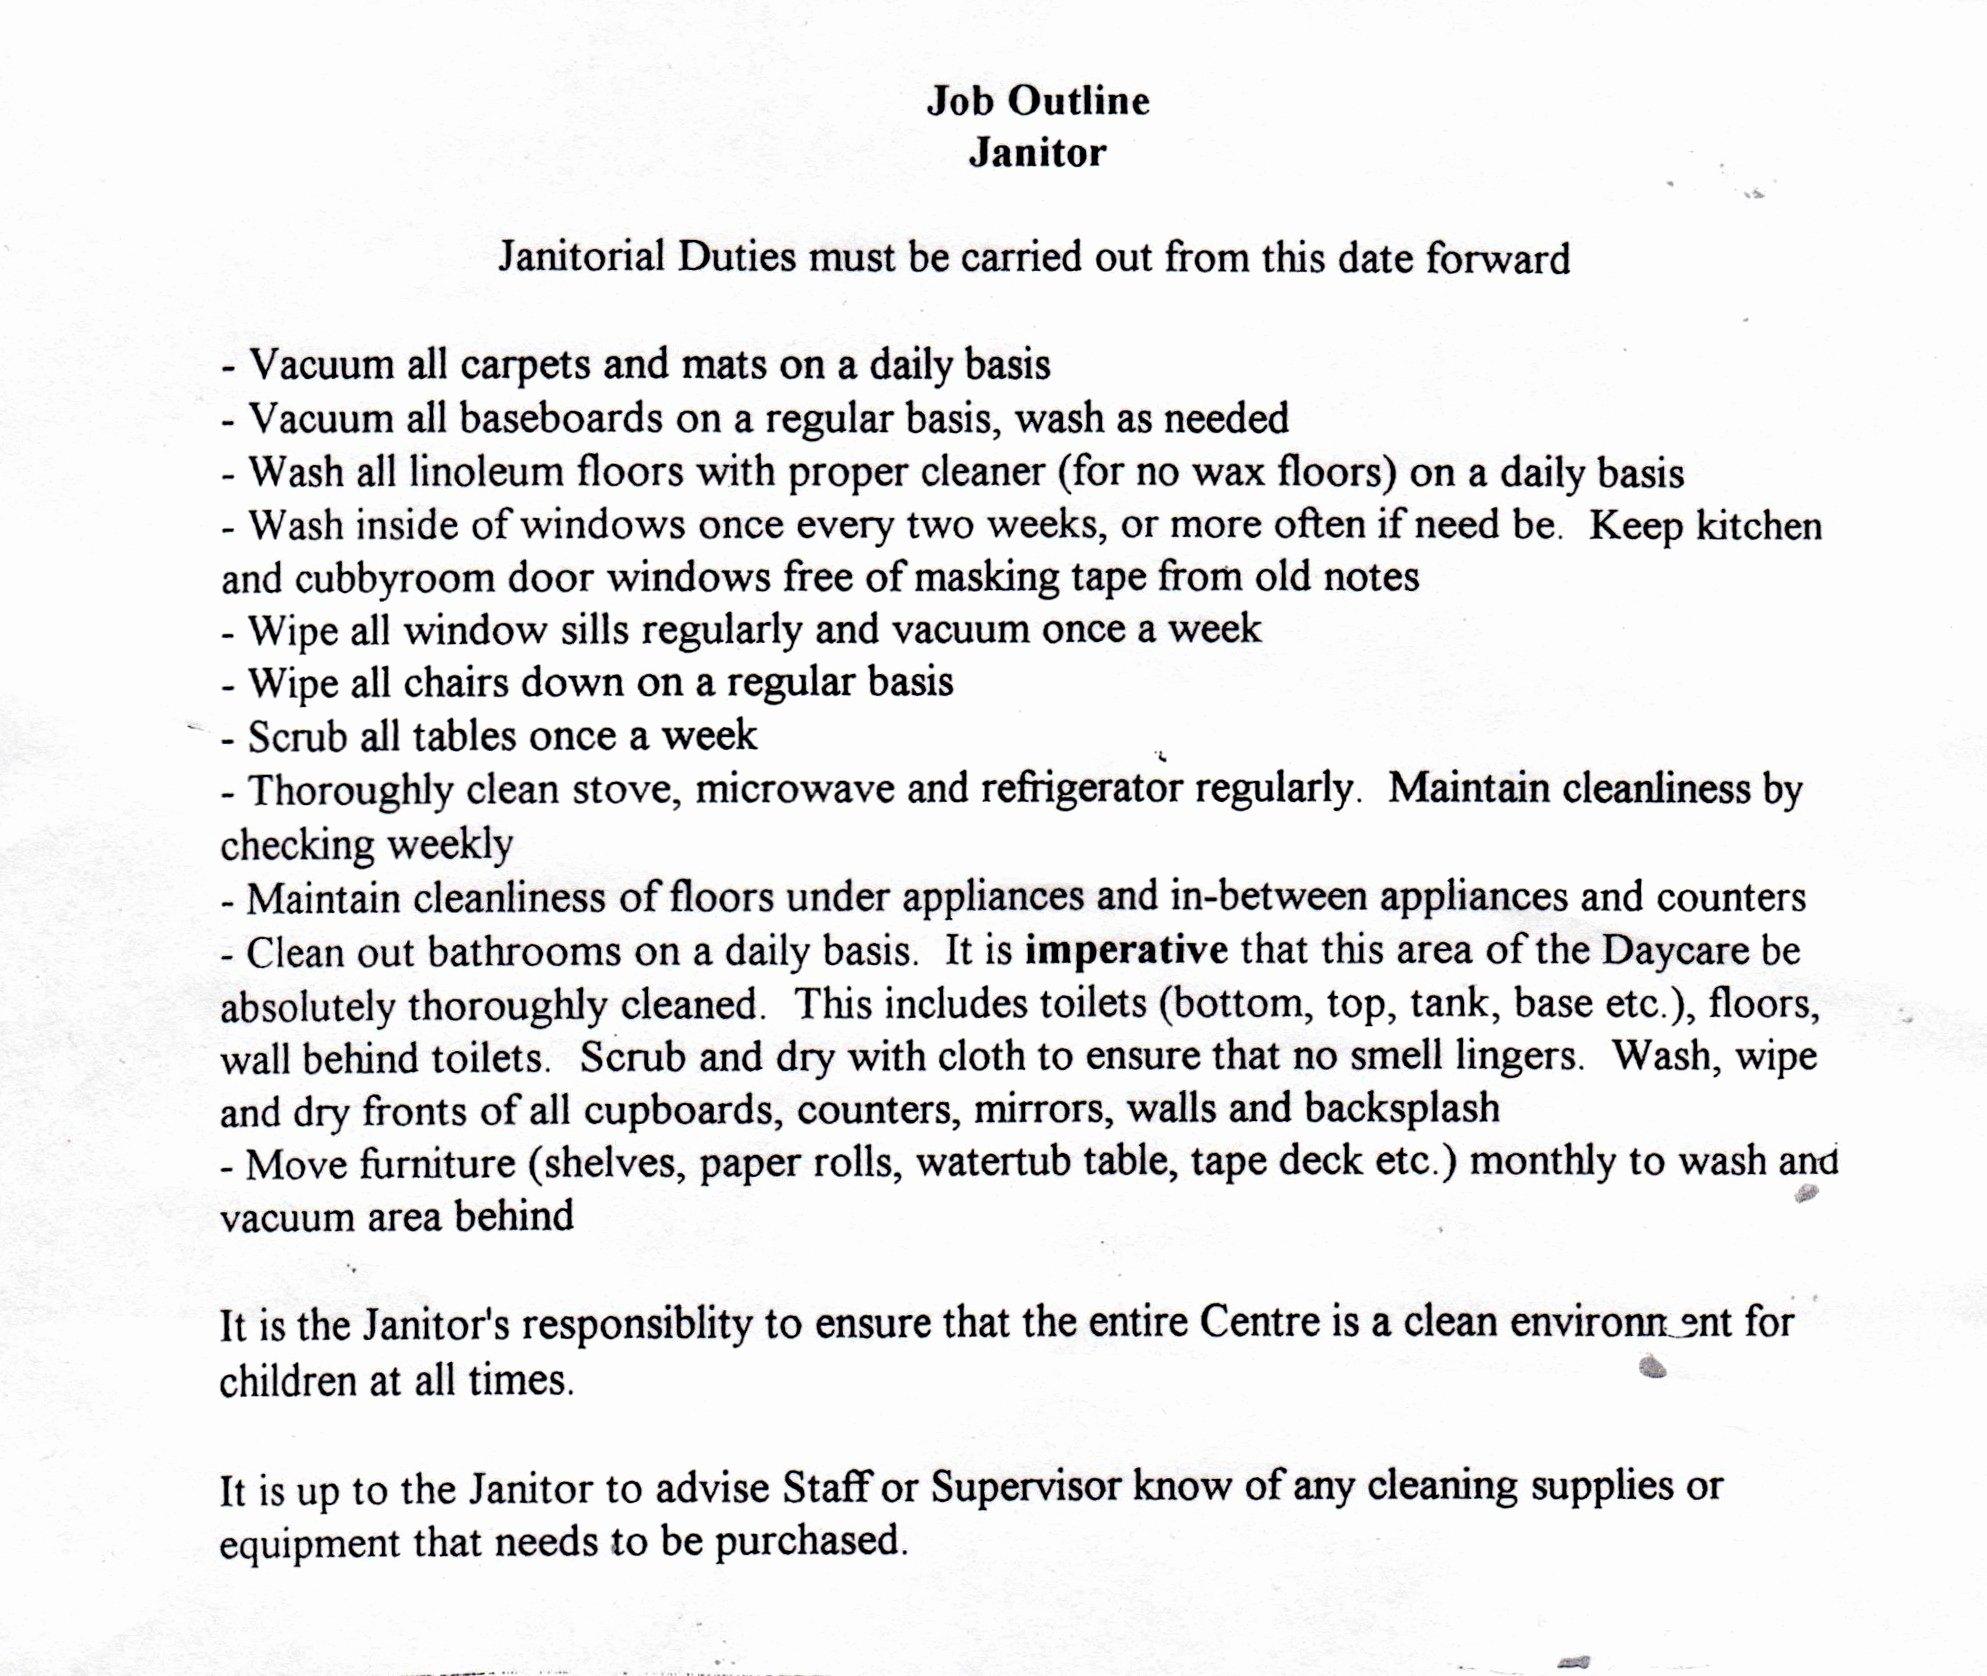 Resume Job Description for Janitor Samplebusinessresume